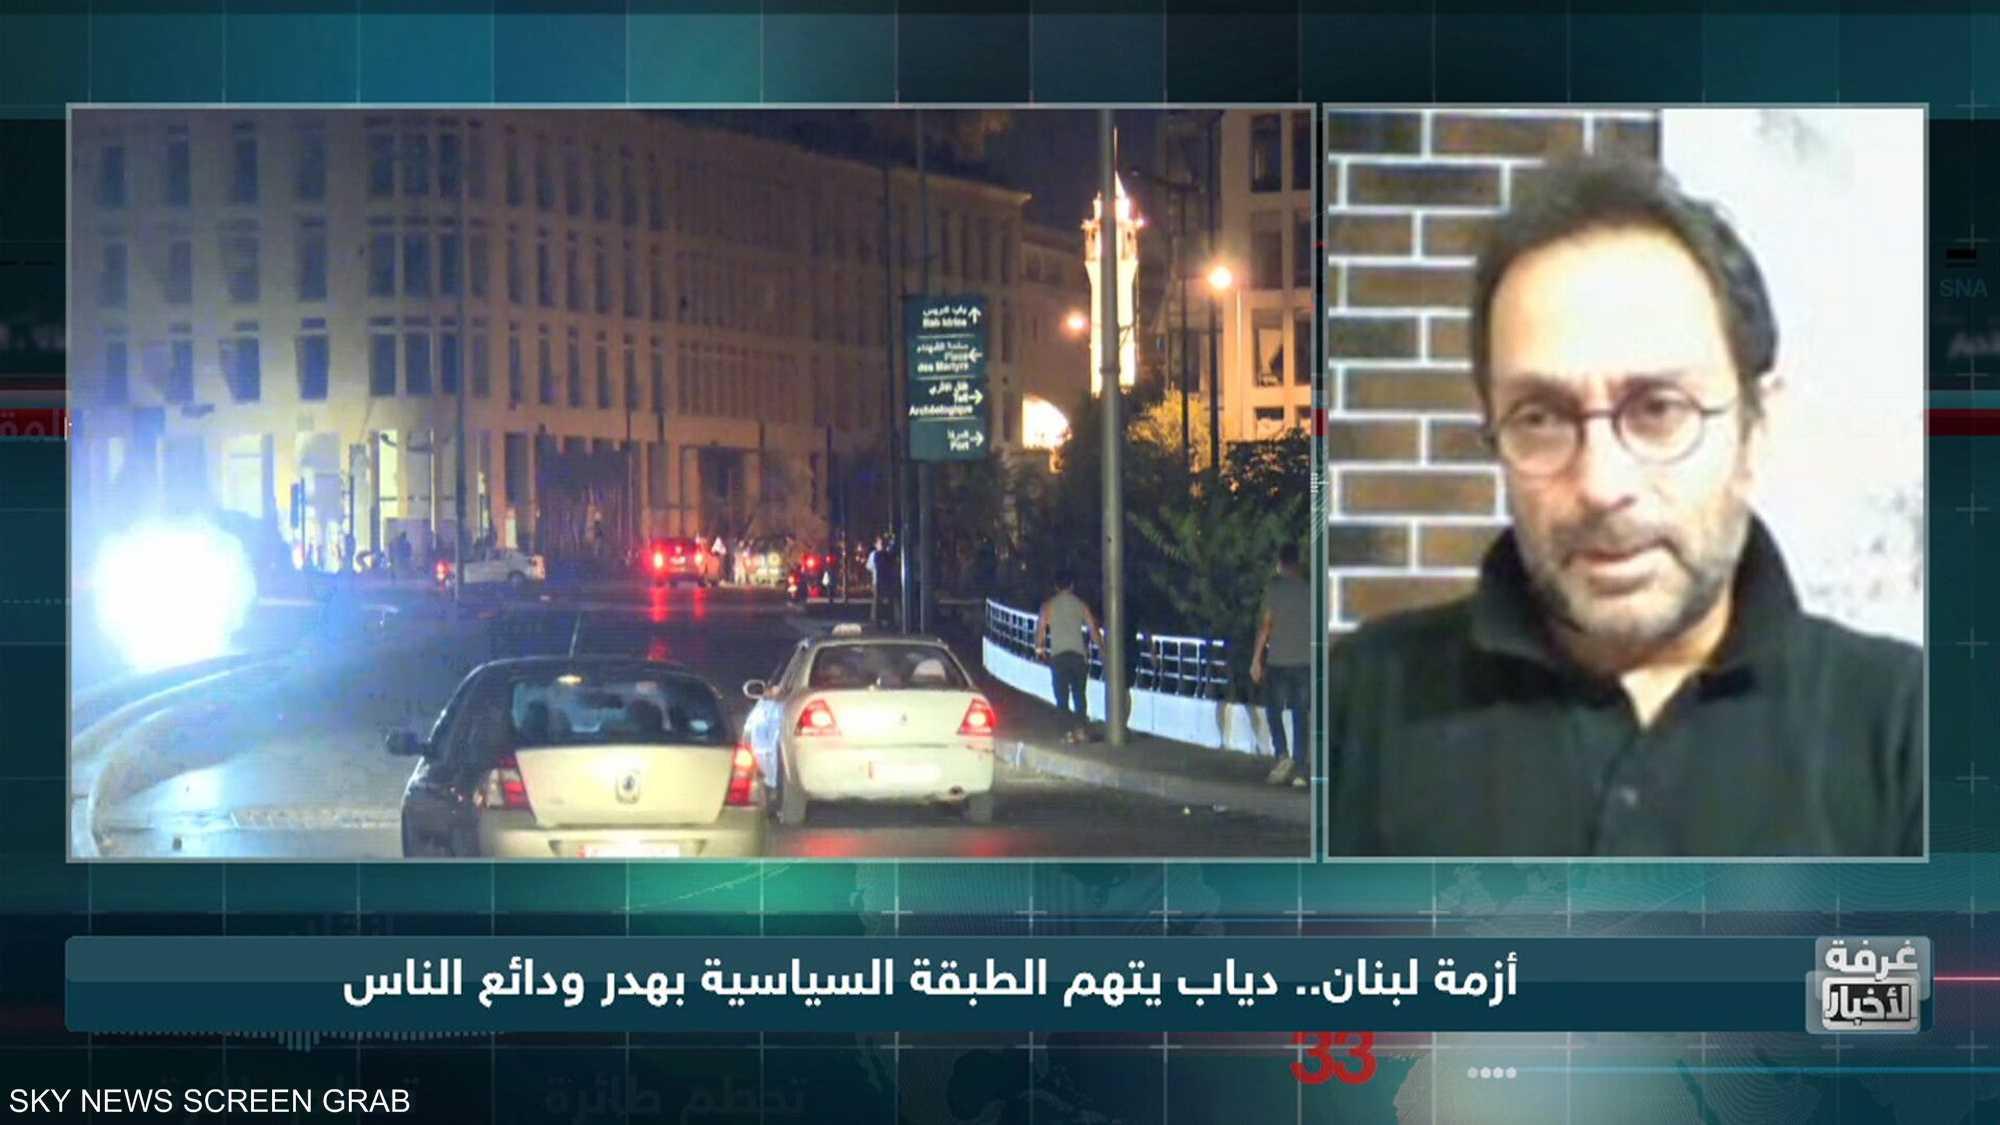 لبنان في أزمة.. شارع يسقط الحكومة